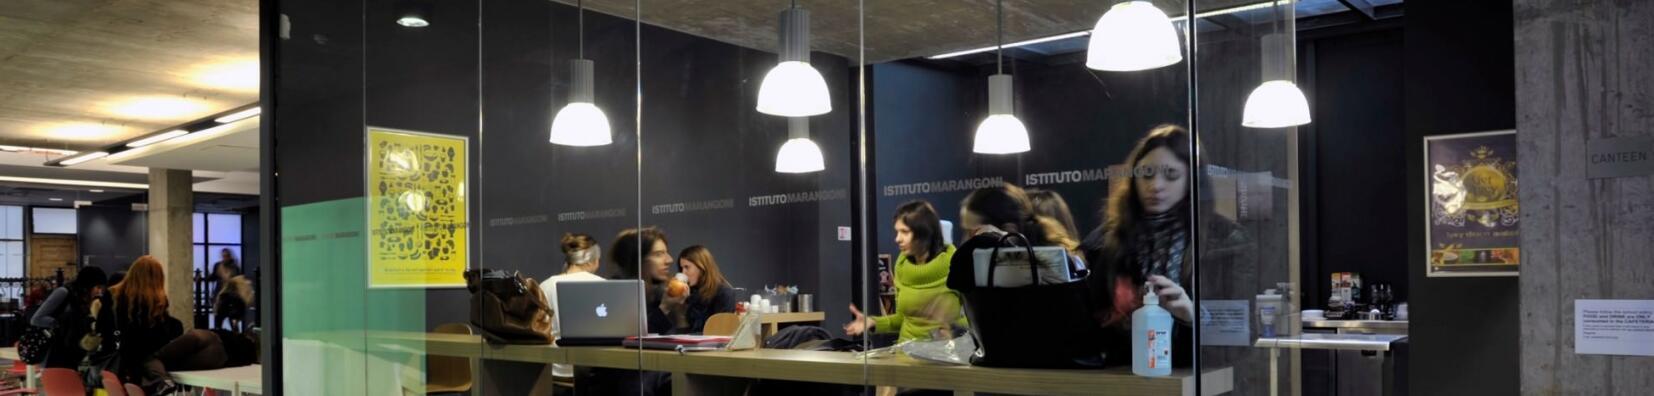 马兰欧尼时装设计学院